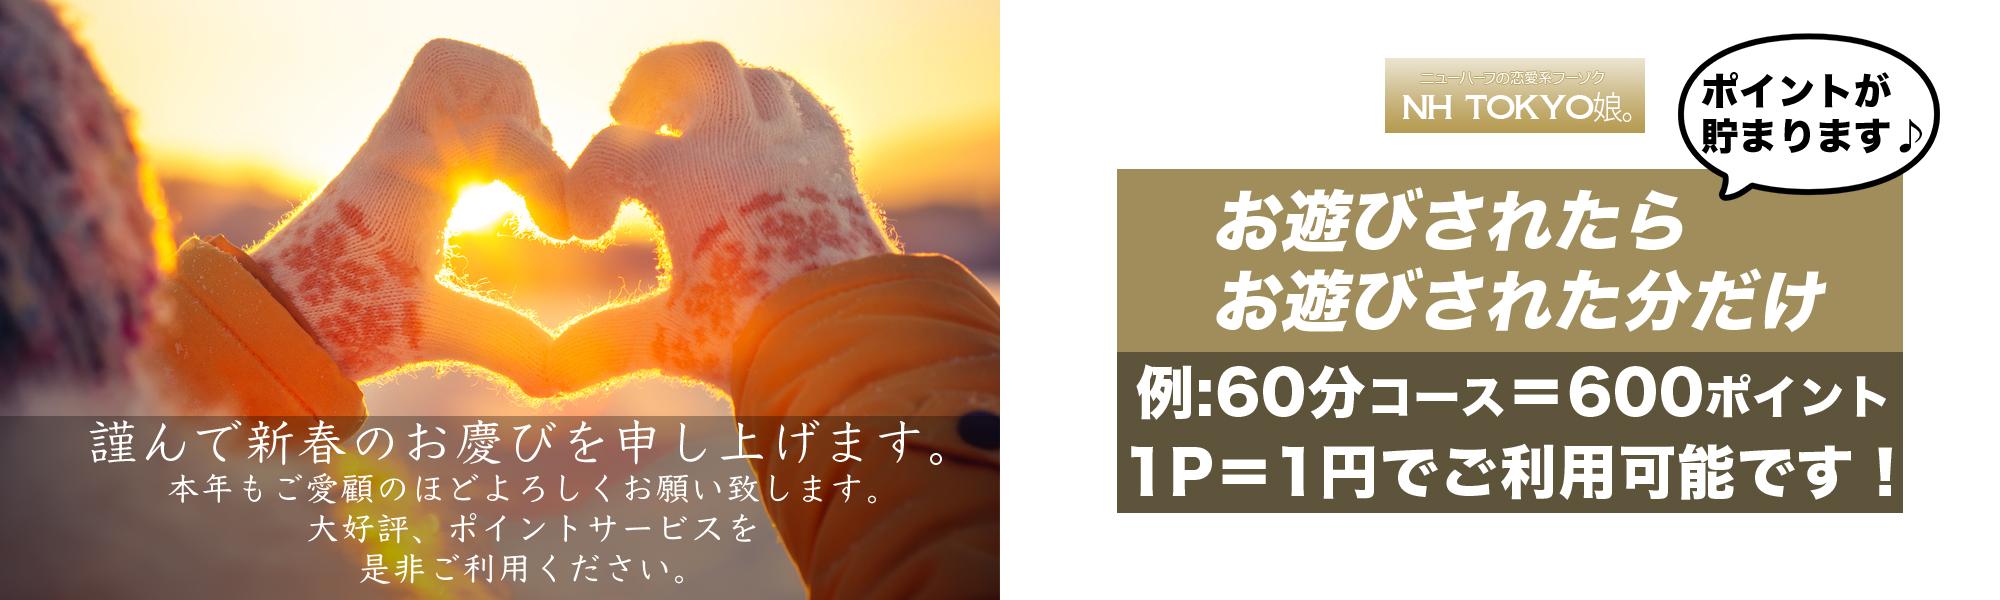 錦糸町ホテヘル ニューハーフのNH TOKYO娘。2101_ポイントサービス